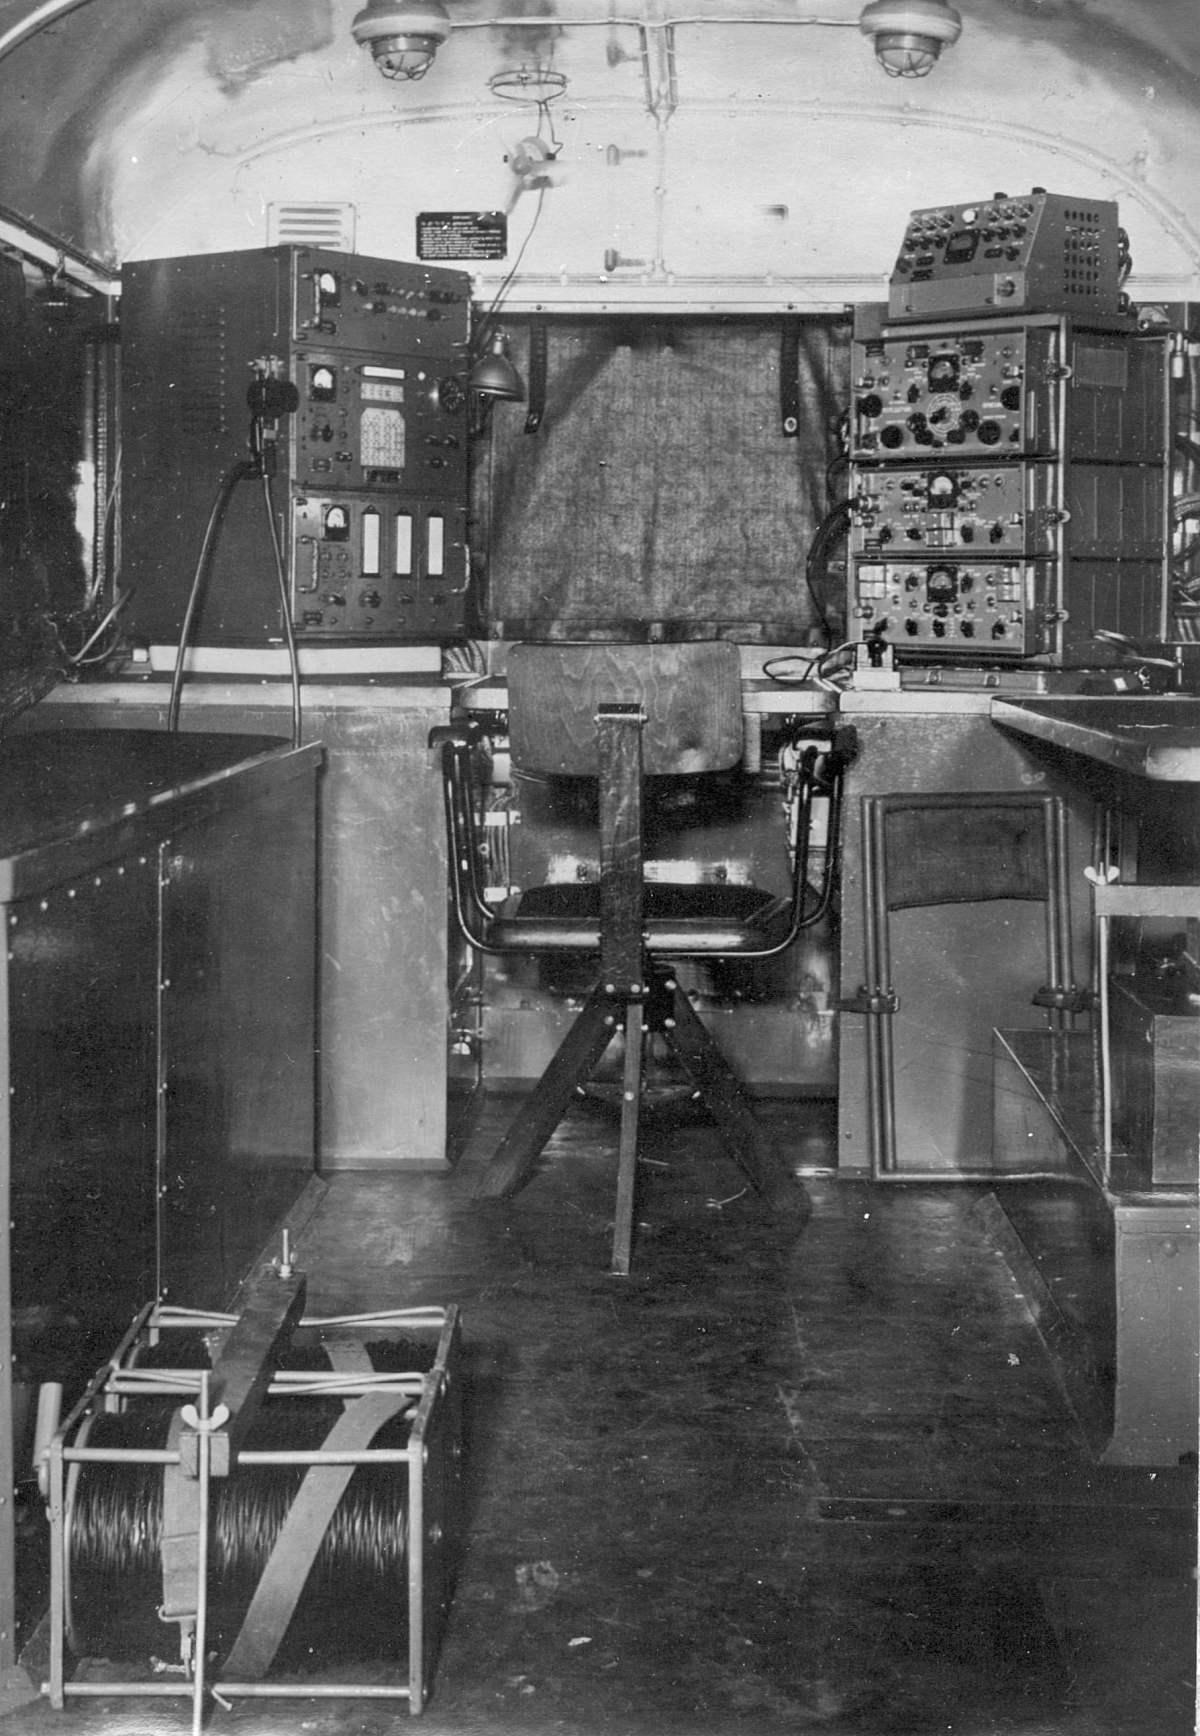 1968 радиостанция Р-140, спецприцеп внутри - вещи - иллюстрации - Фотоальбомы - истории быта.